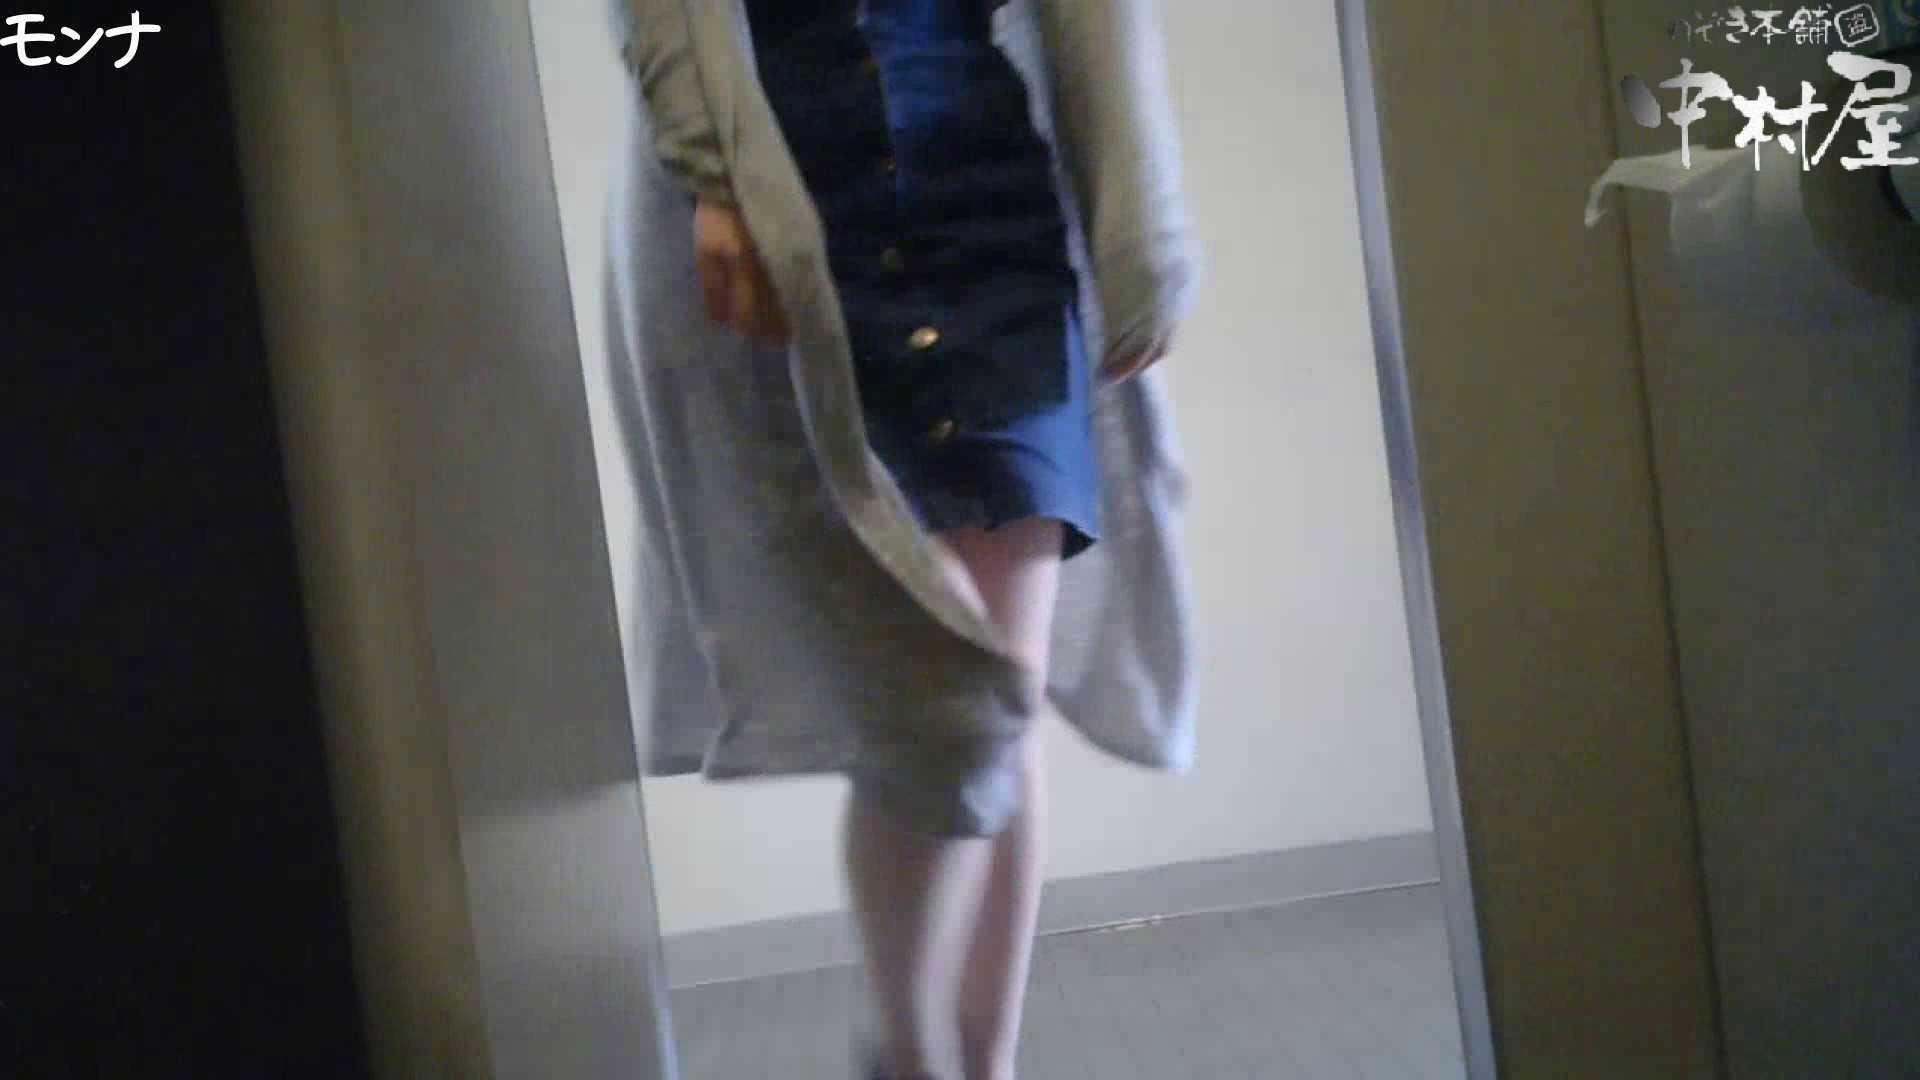 有名大学女性洗面所 vol.66 清楚系女子をがっつり!! 0  113pic 90